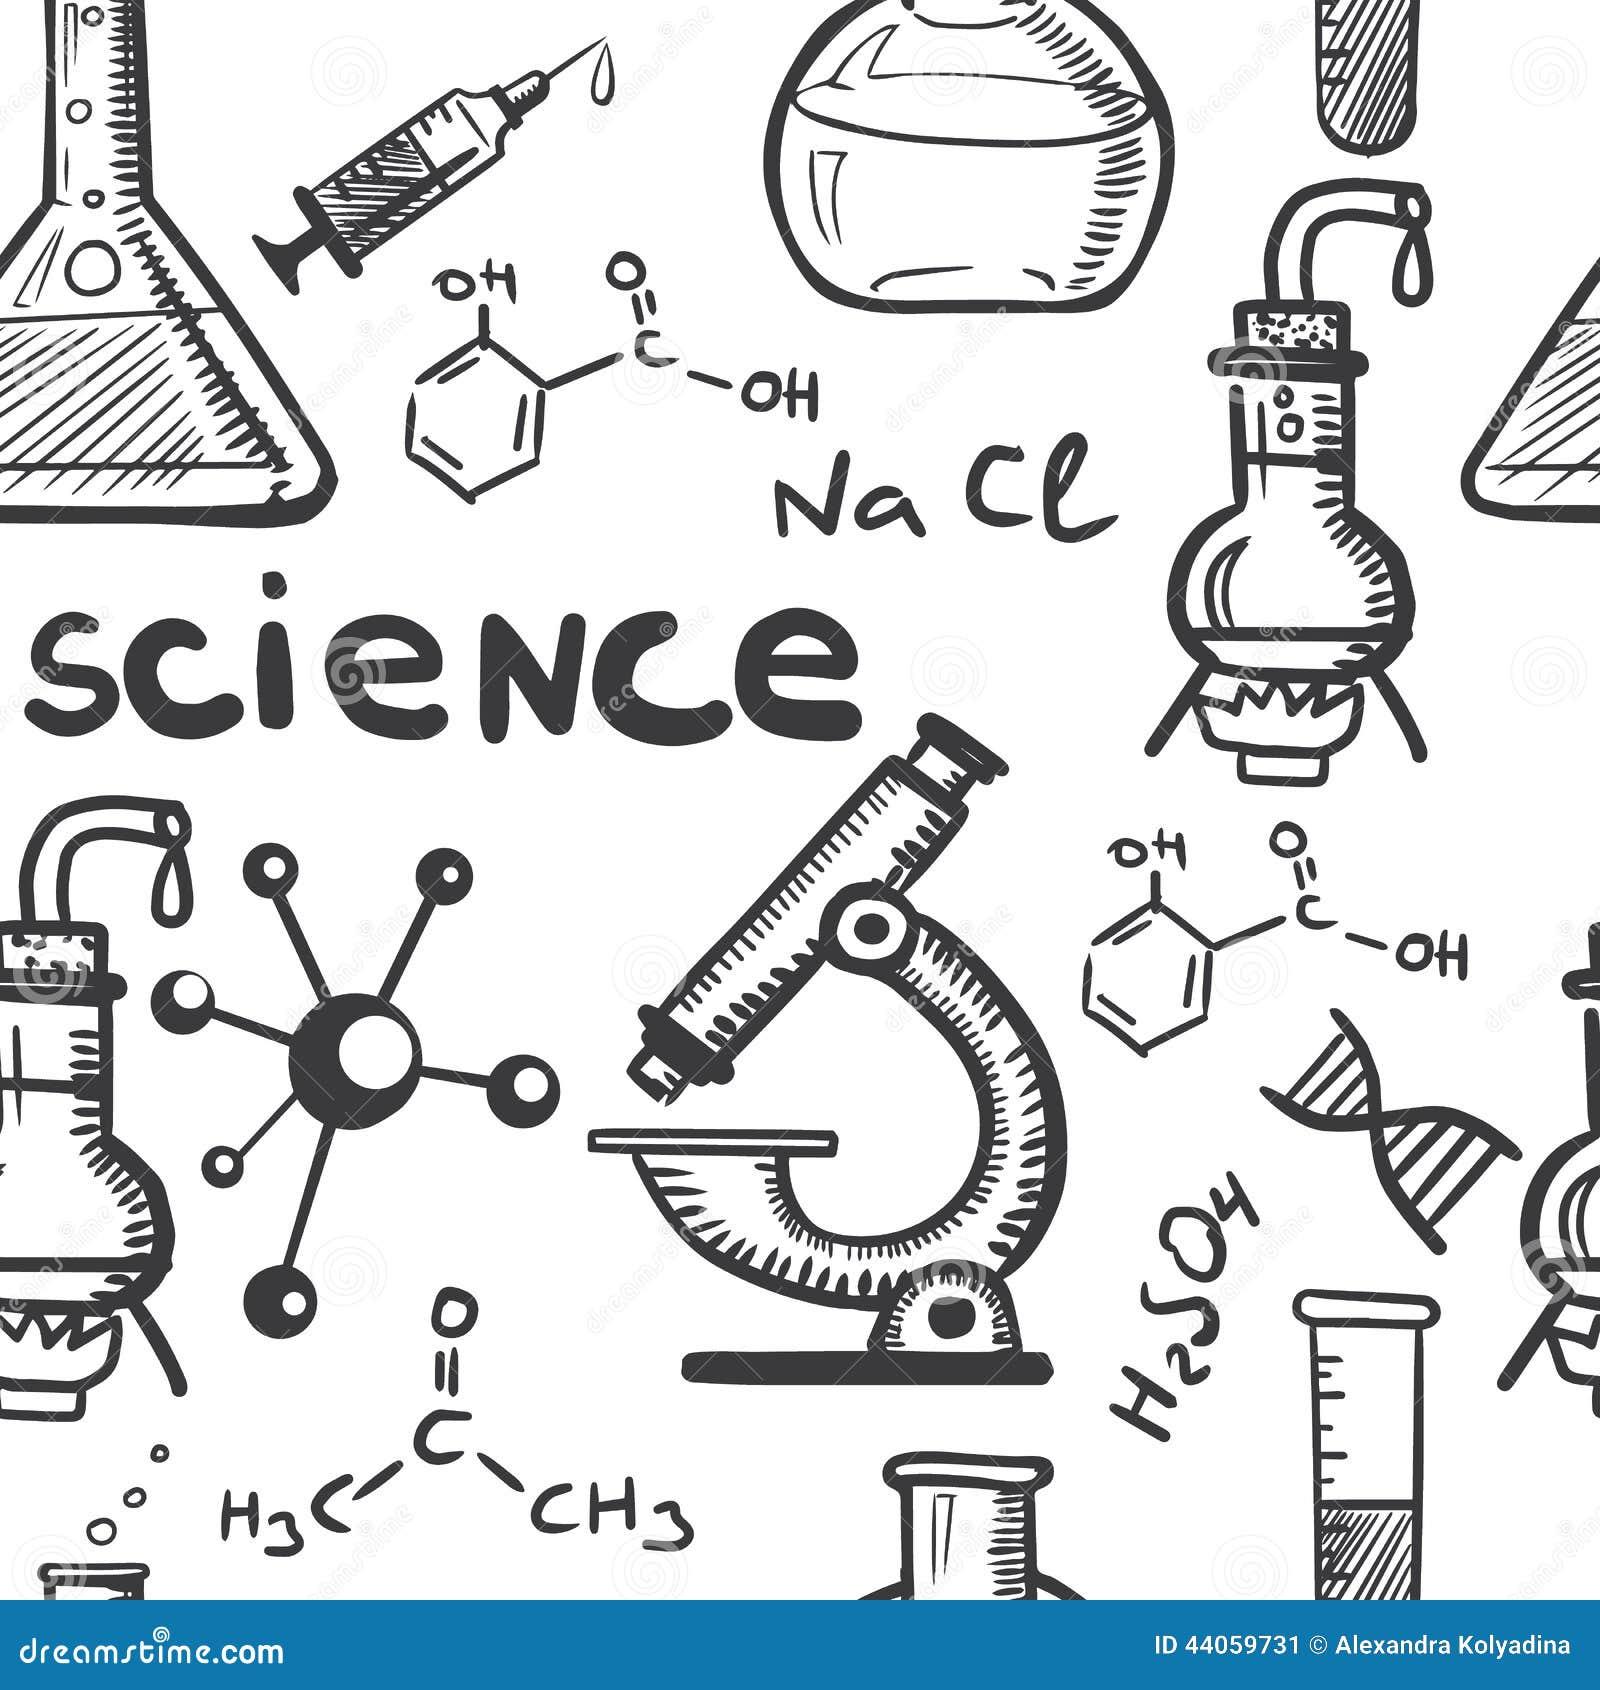 draving化学和科学概念无缝的手.